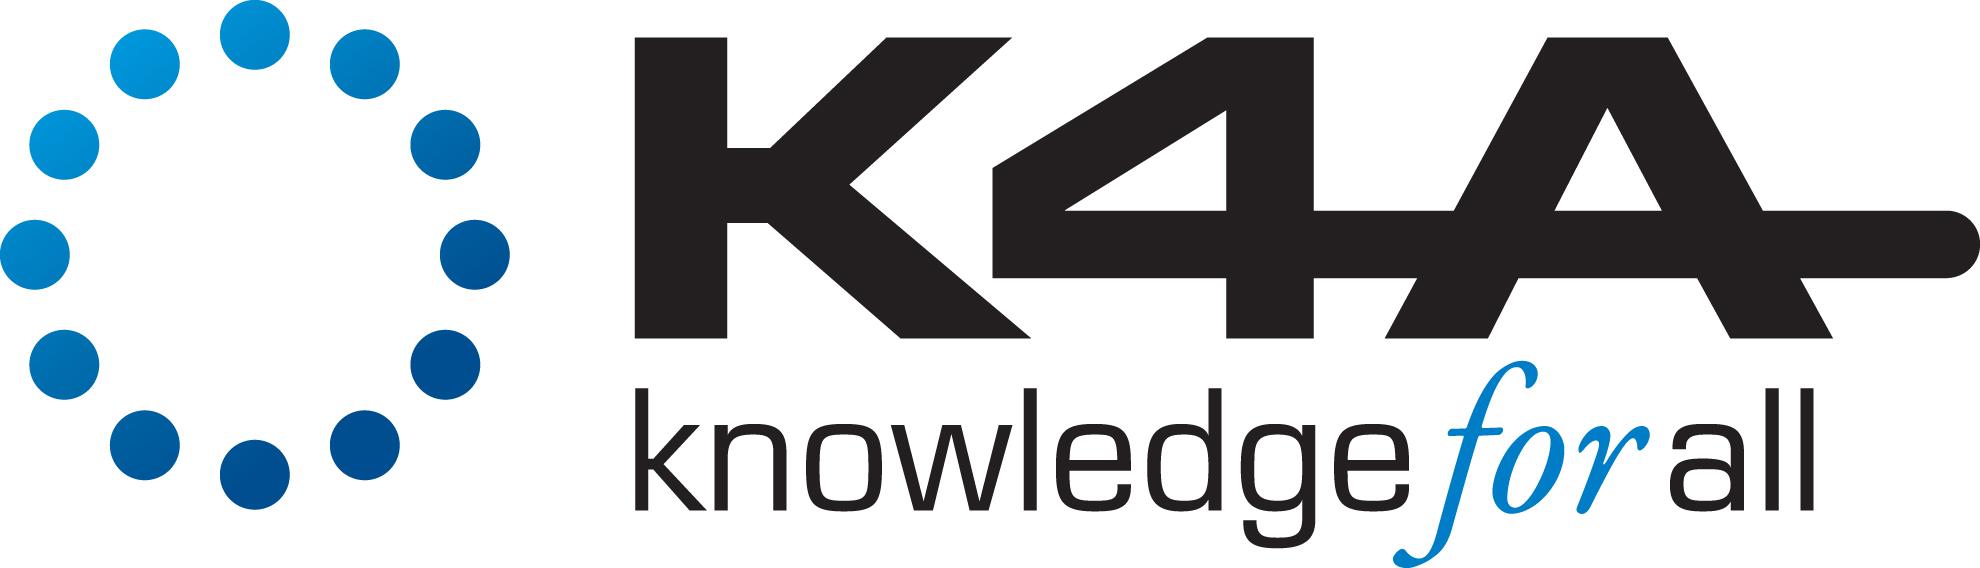 mlvj logo